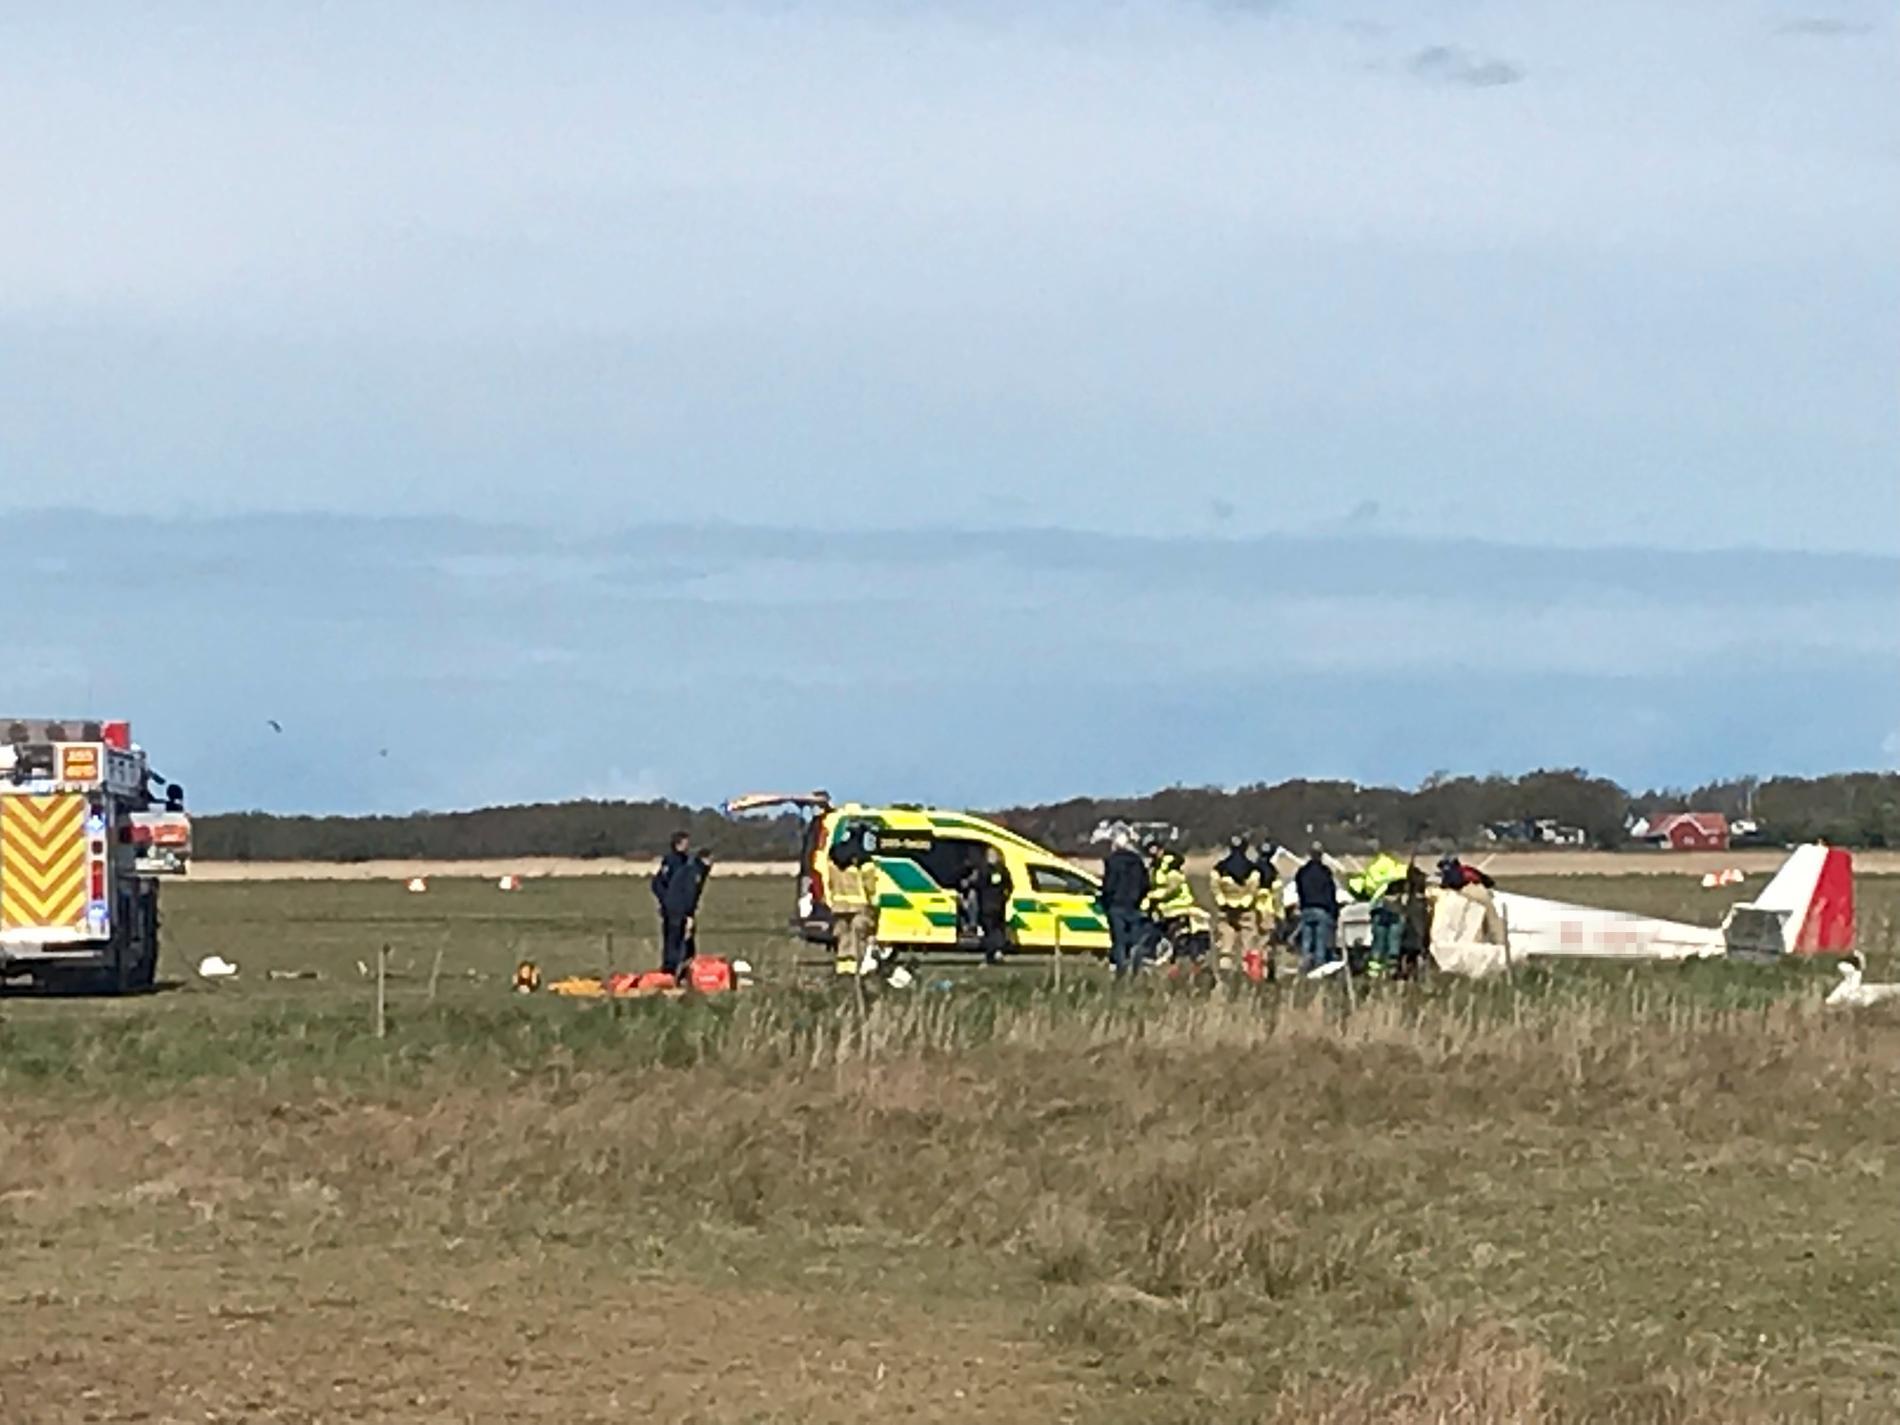 En olycka med ett mindre sportflygplan har inträffat i Varberg.